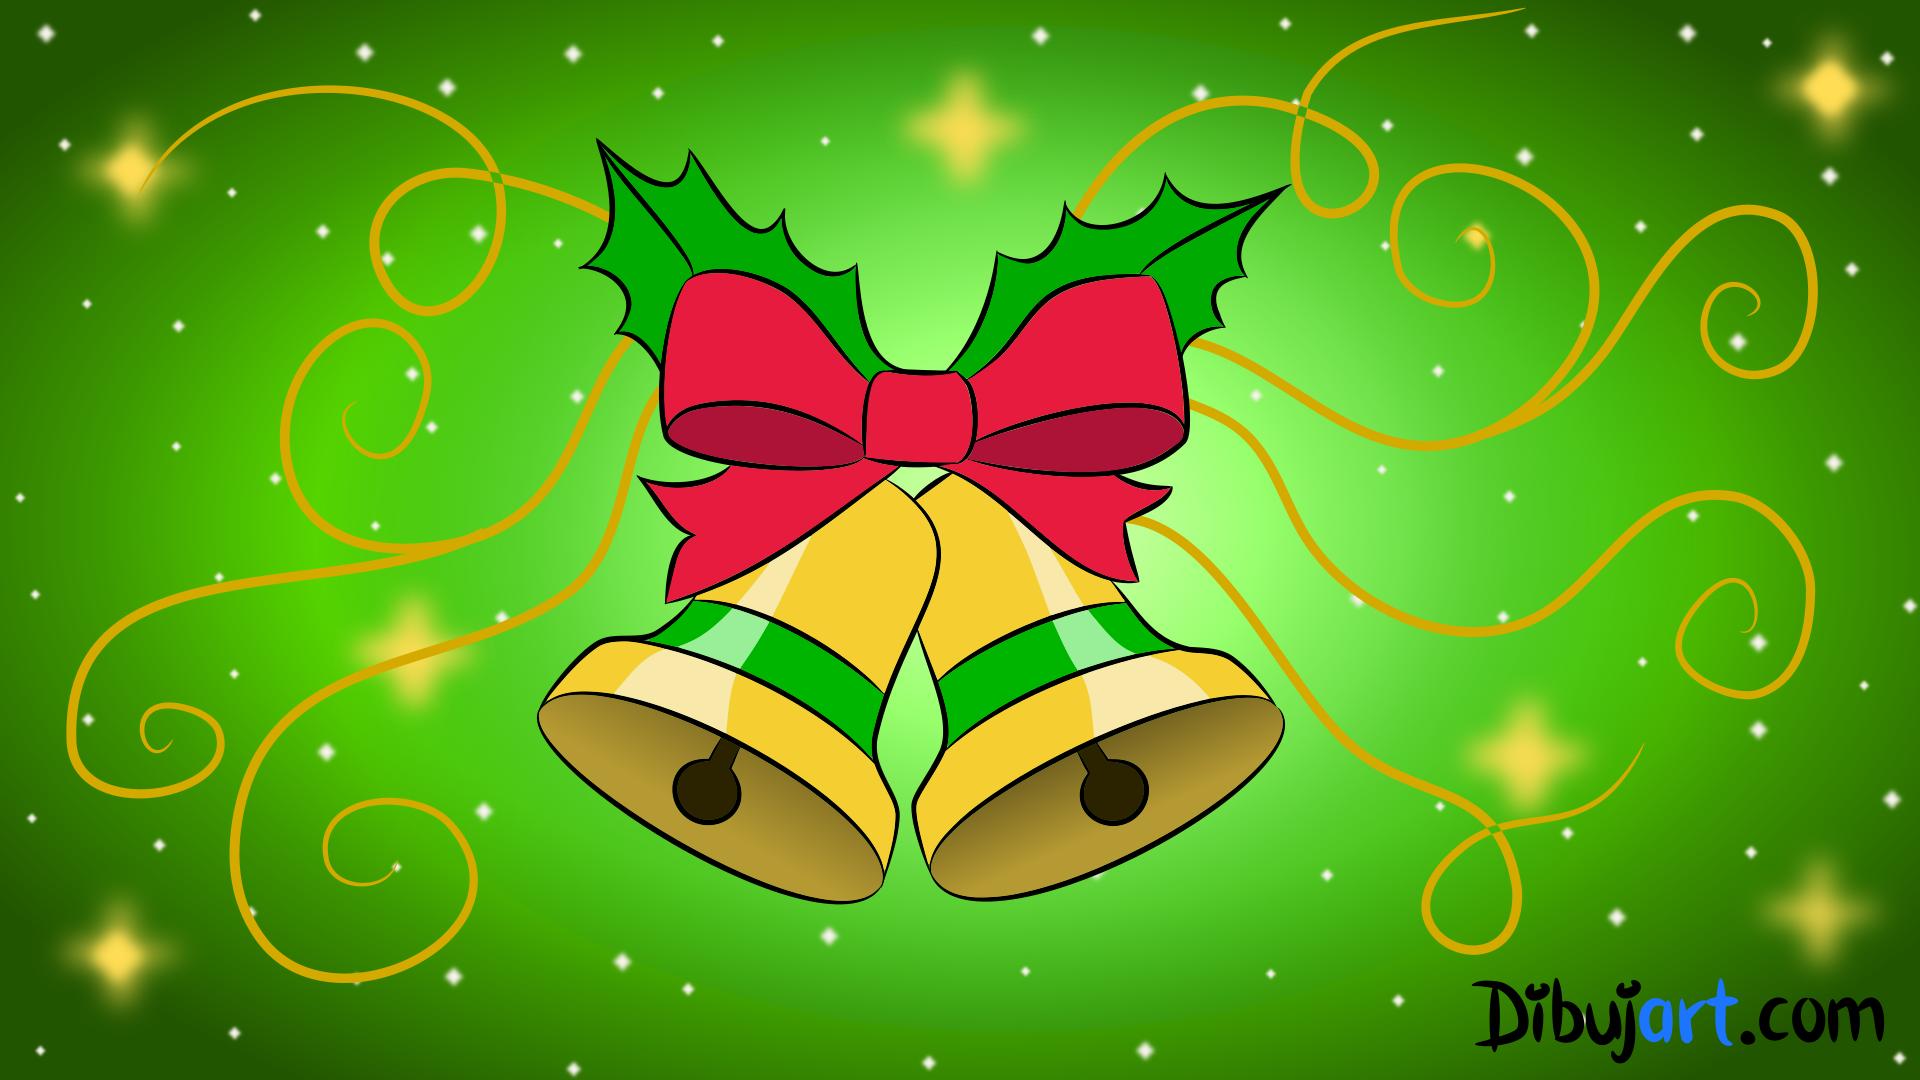 Cómo Dibujar Unas Campanas De Navidad Paso A Paso Dibujartcom